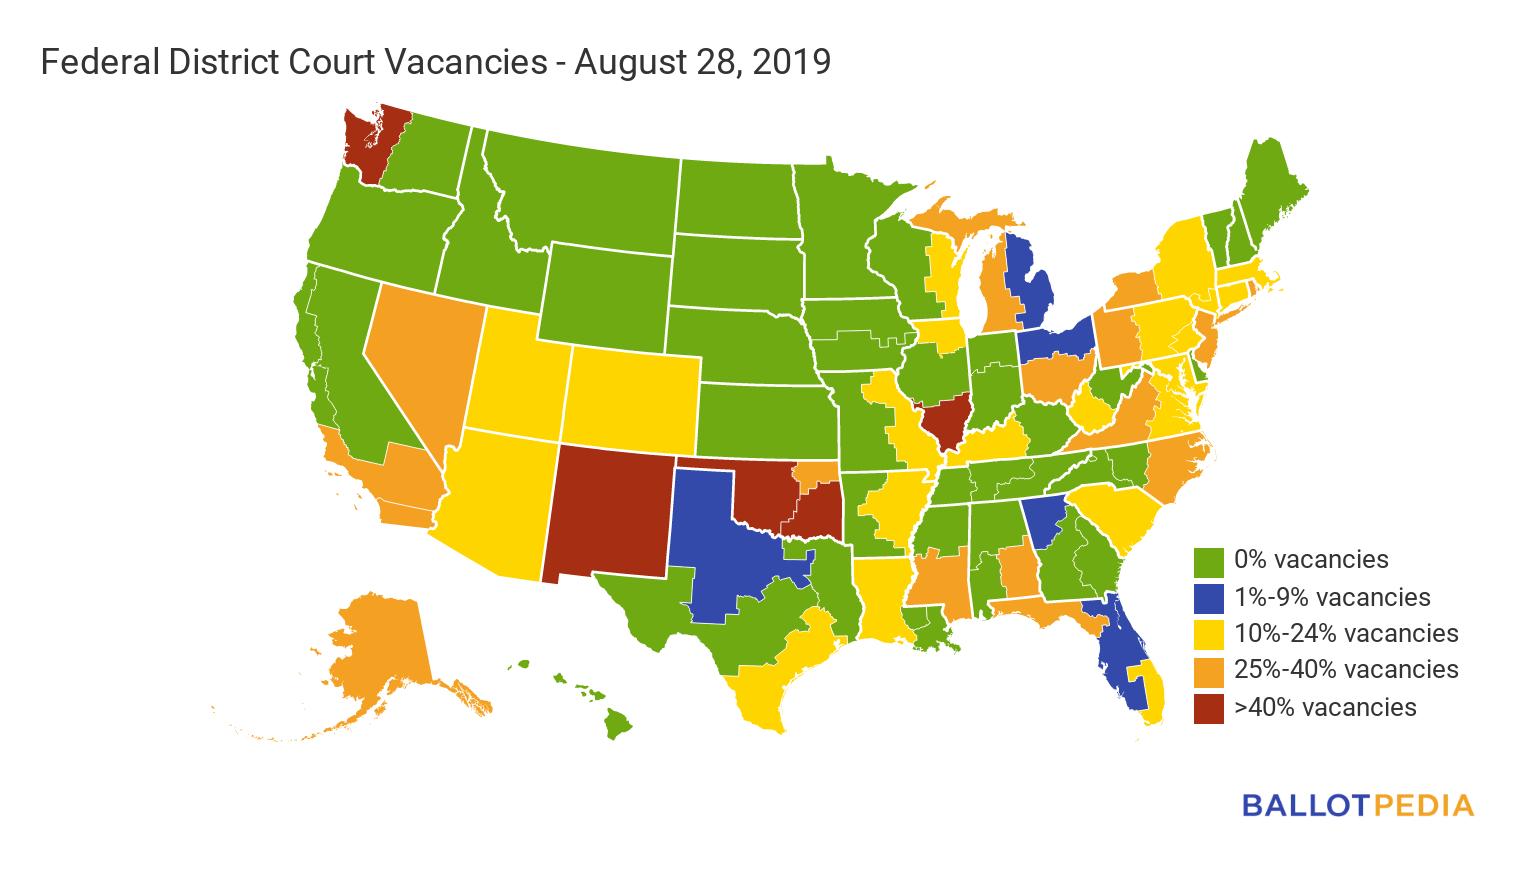 Vacancy map